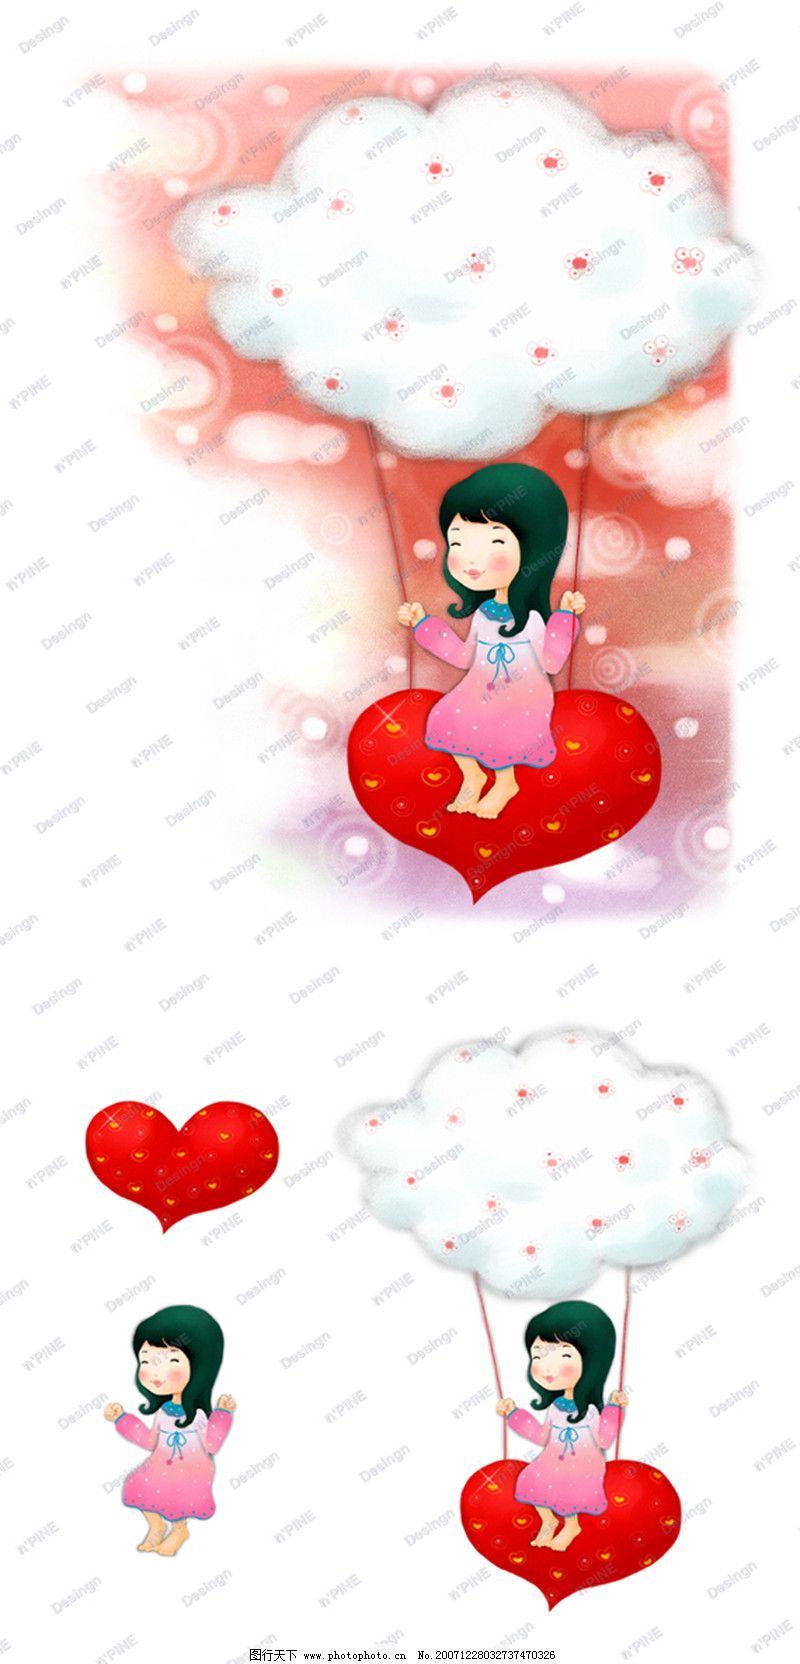 可爱小仙子0115 彩绘人物情景模板篇